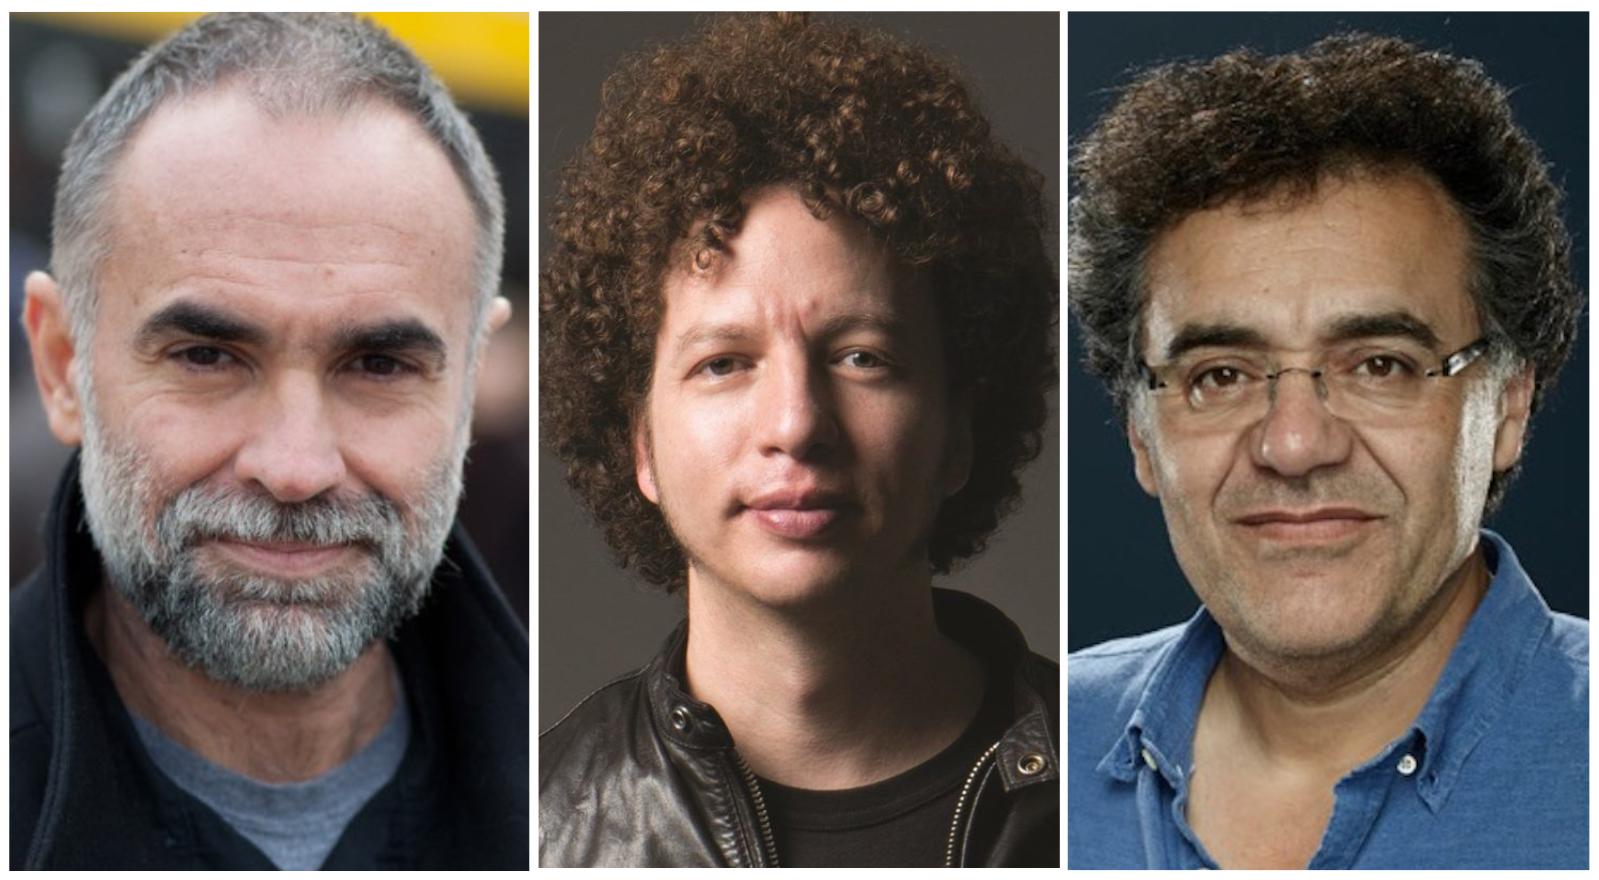 Karim Aïnouz, Michel Franco, and Rodrigo García.